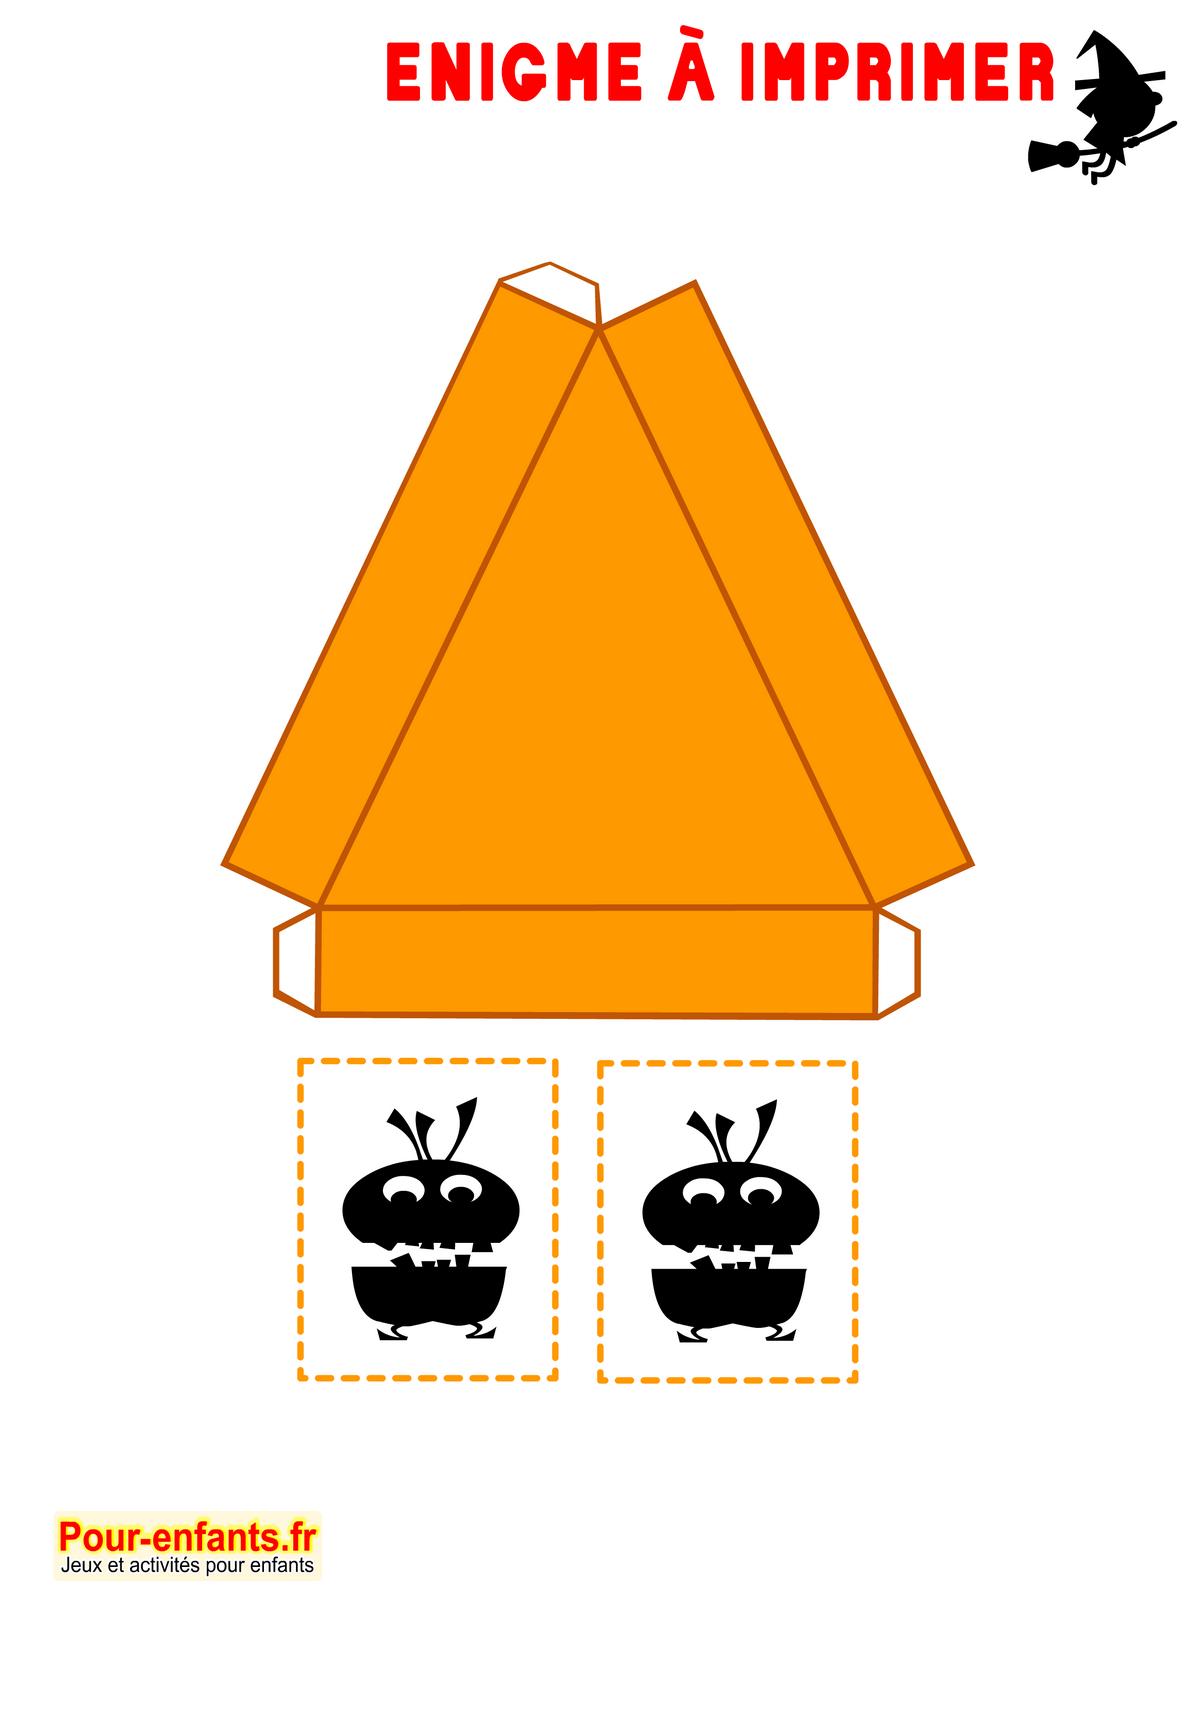 Enigmes Idées Activités Jeux À Imprimer Halloween Bricolage dedans Jeux Maternelle Petite Section Gratuit